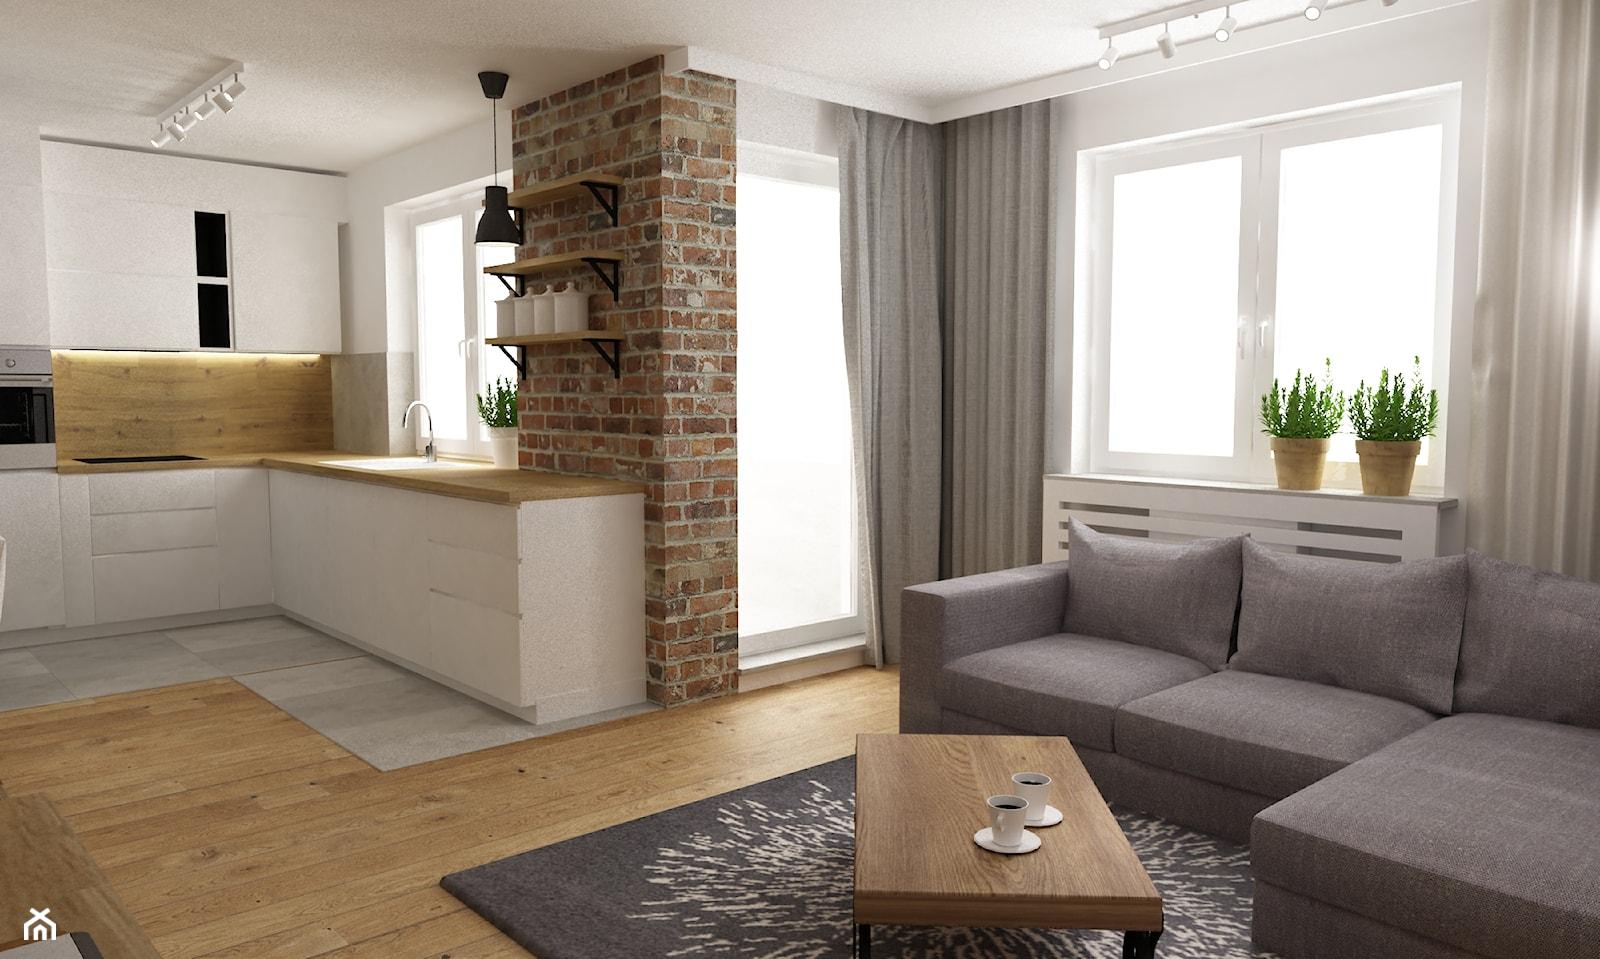 mieszkanie jasne w stylu nowoczesnym/skandynawskim 60m2 - Średni biały salon z kuchnią z tarasem / balkonem, styl skandynawski - zdjęcie od Grafika i Projekt architektura wnętrz - Homebook